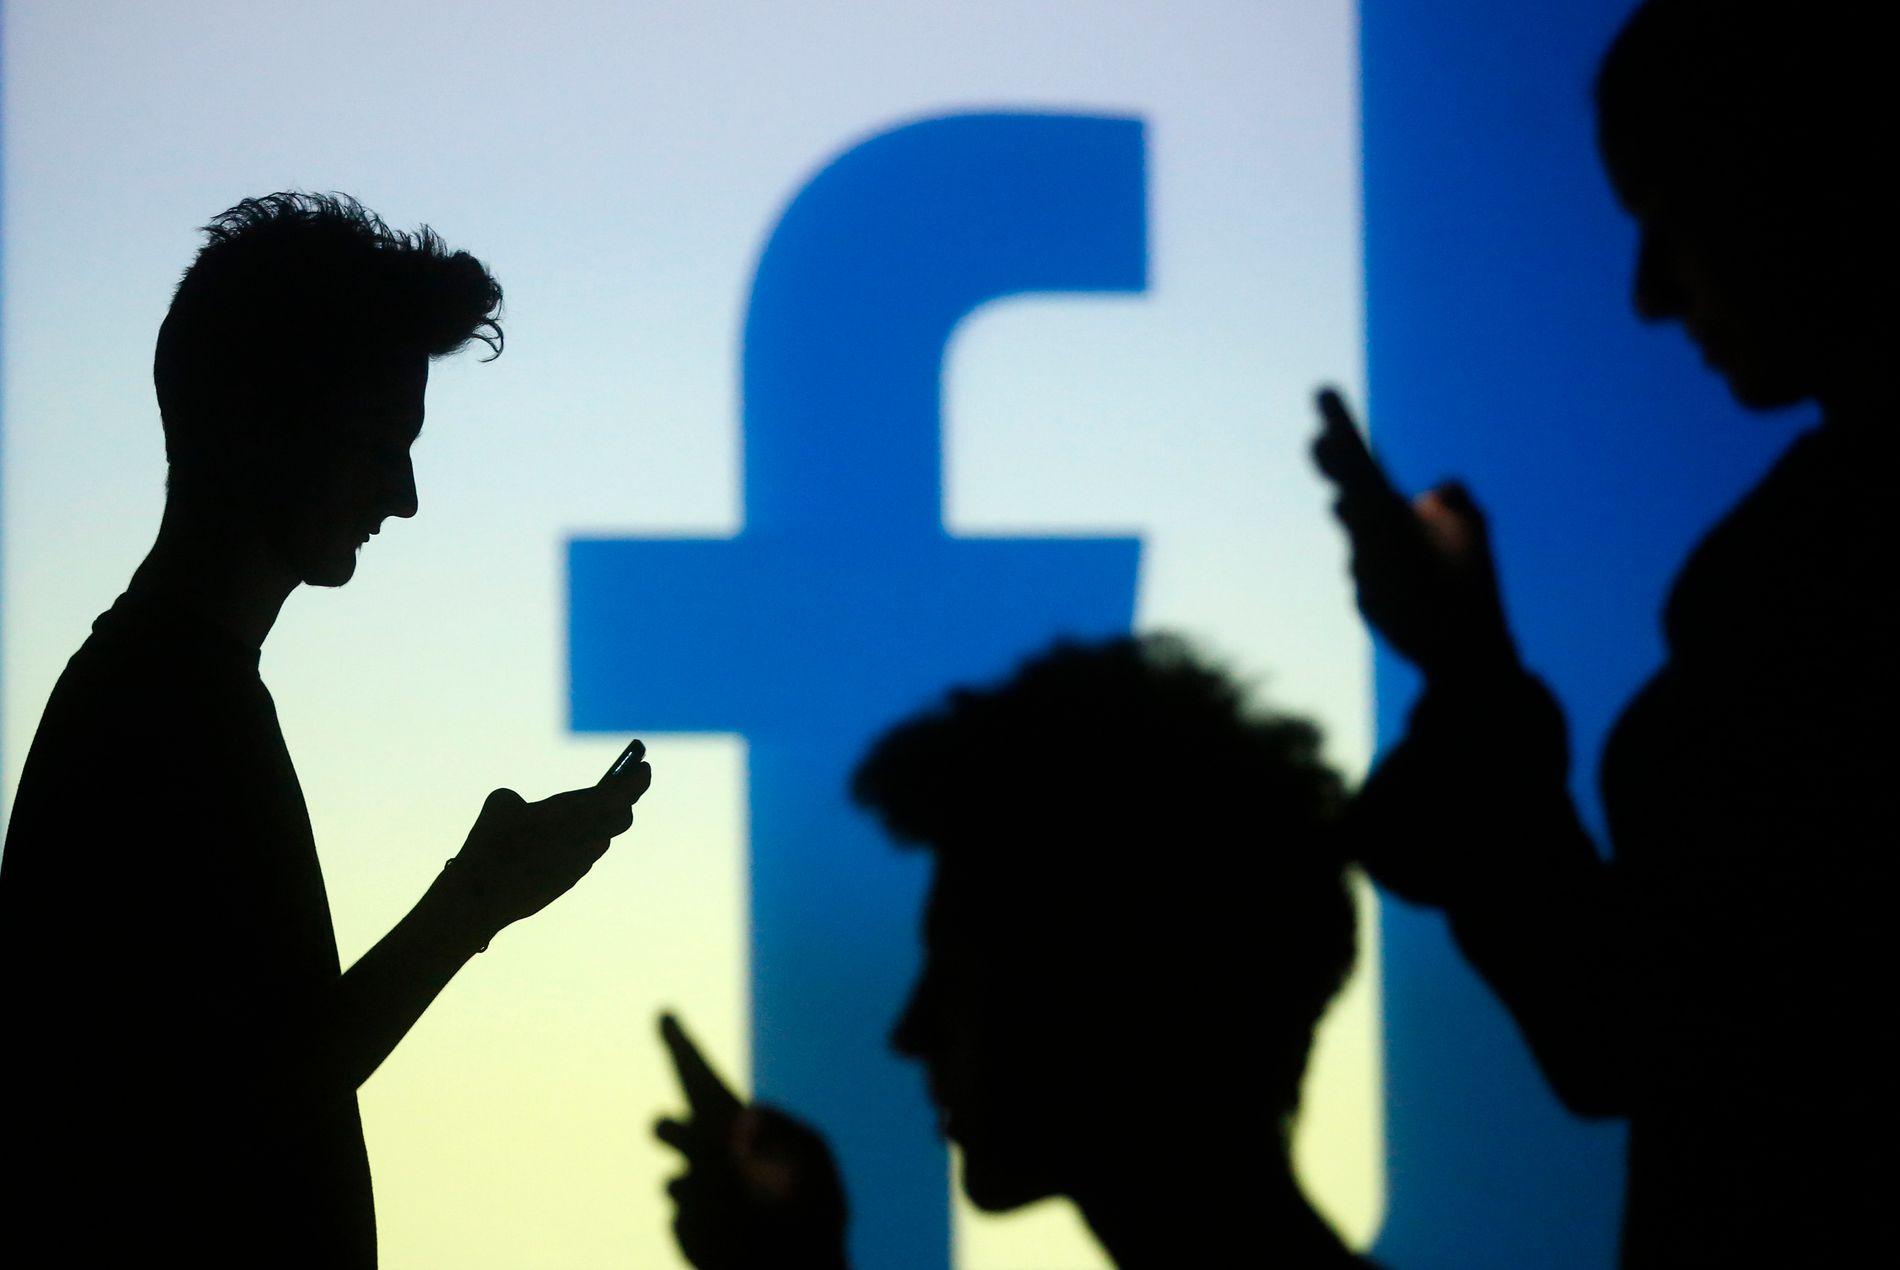 INGEN VERDI: Det paradoksale er at mens brukerne kan leve uten Facebook, kan ikke Facebook leve uten brukerne. Uten data fra og om aktive brukere som de kan selge til annonsører, har selskapet ingen verdi for investorene, skriver Tor W. Andreassen.